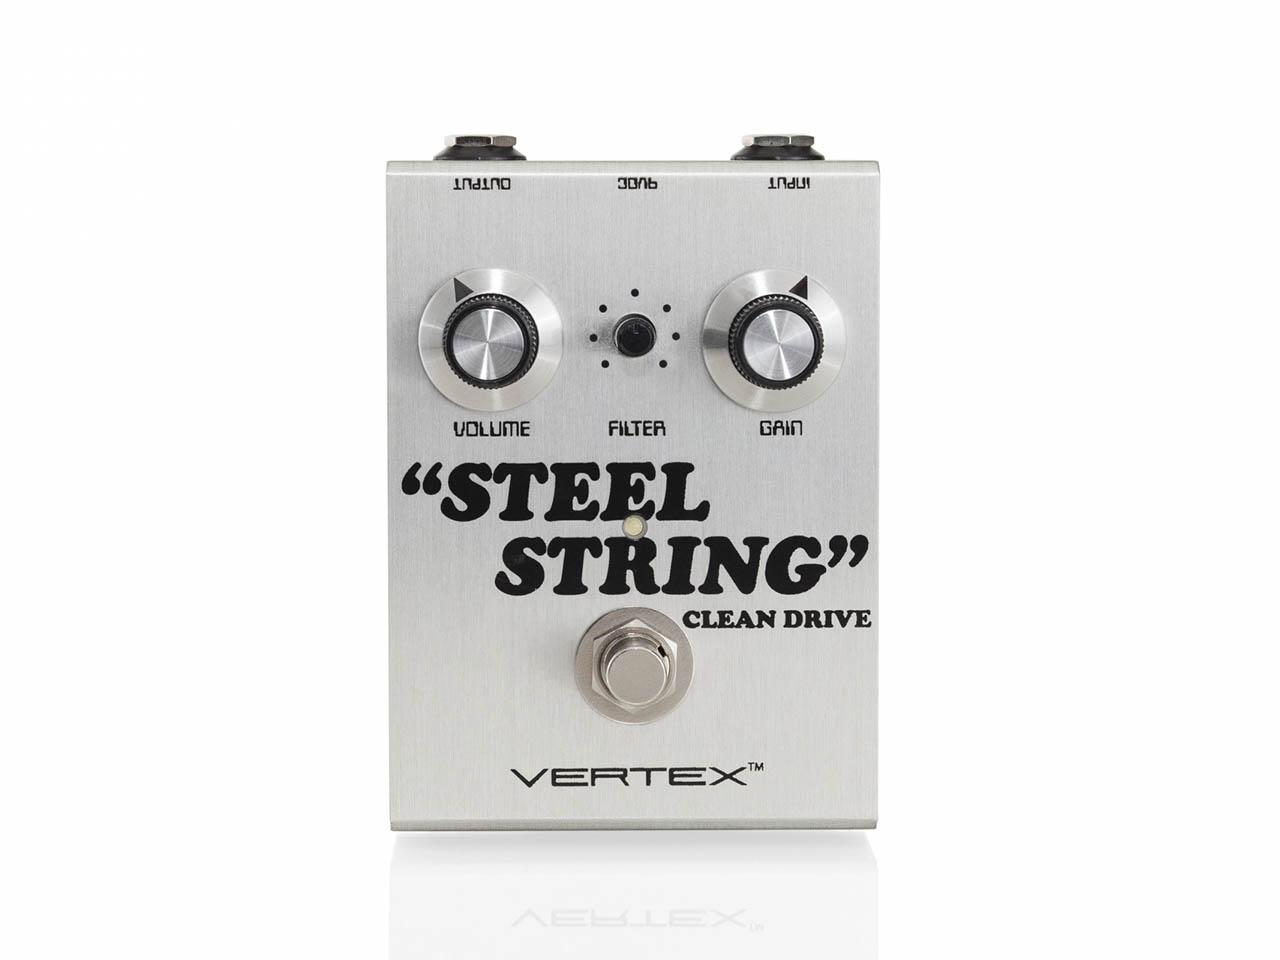 steelstring